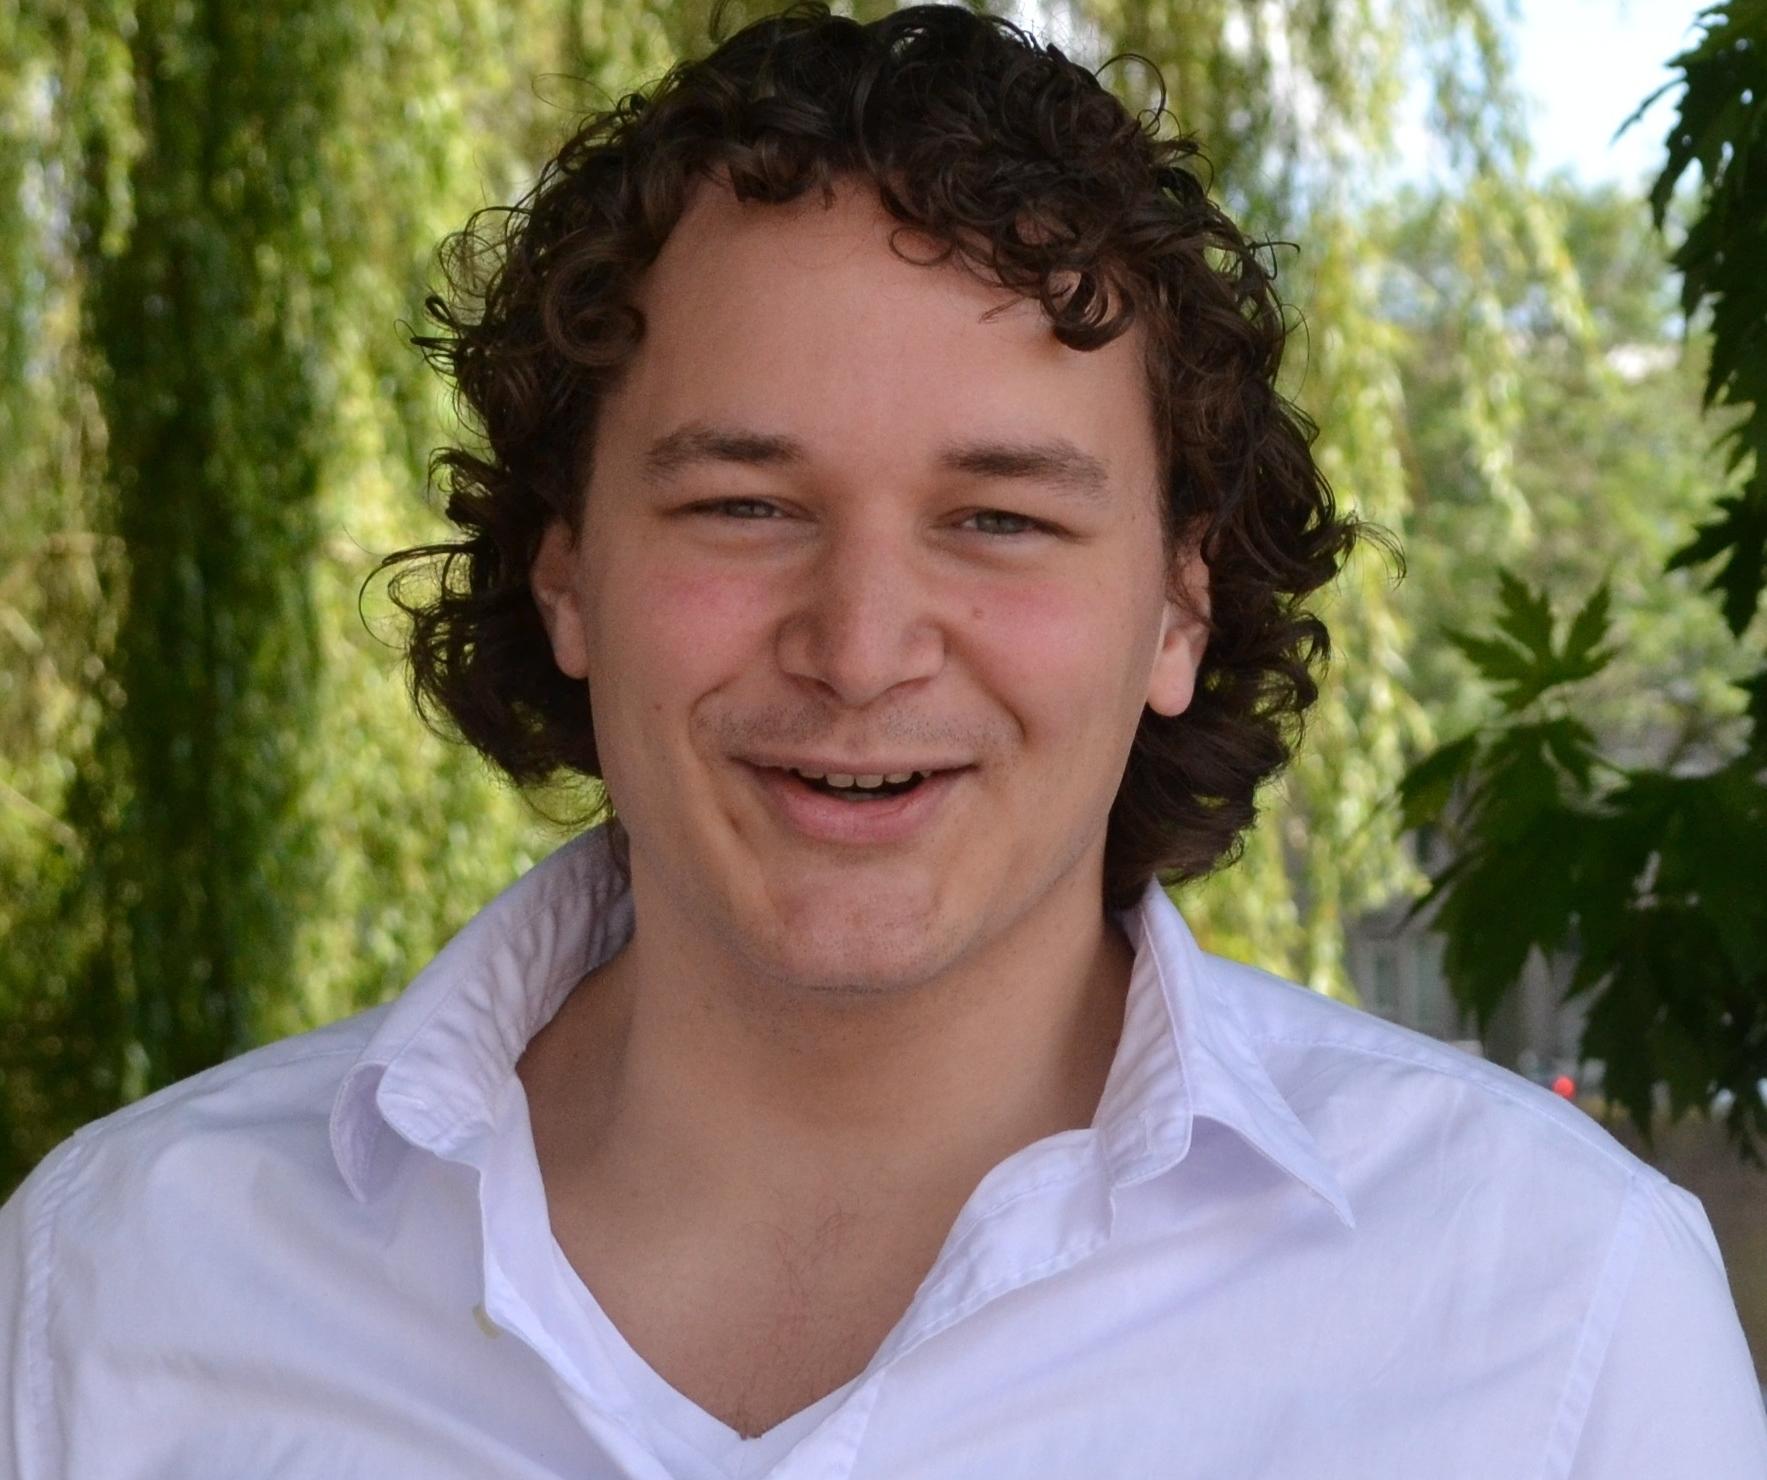 Mikal Lefévre © Roos Veenvliet / Indisch 3.0 2012